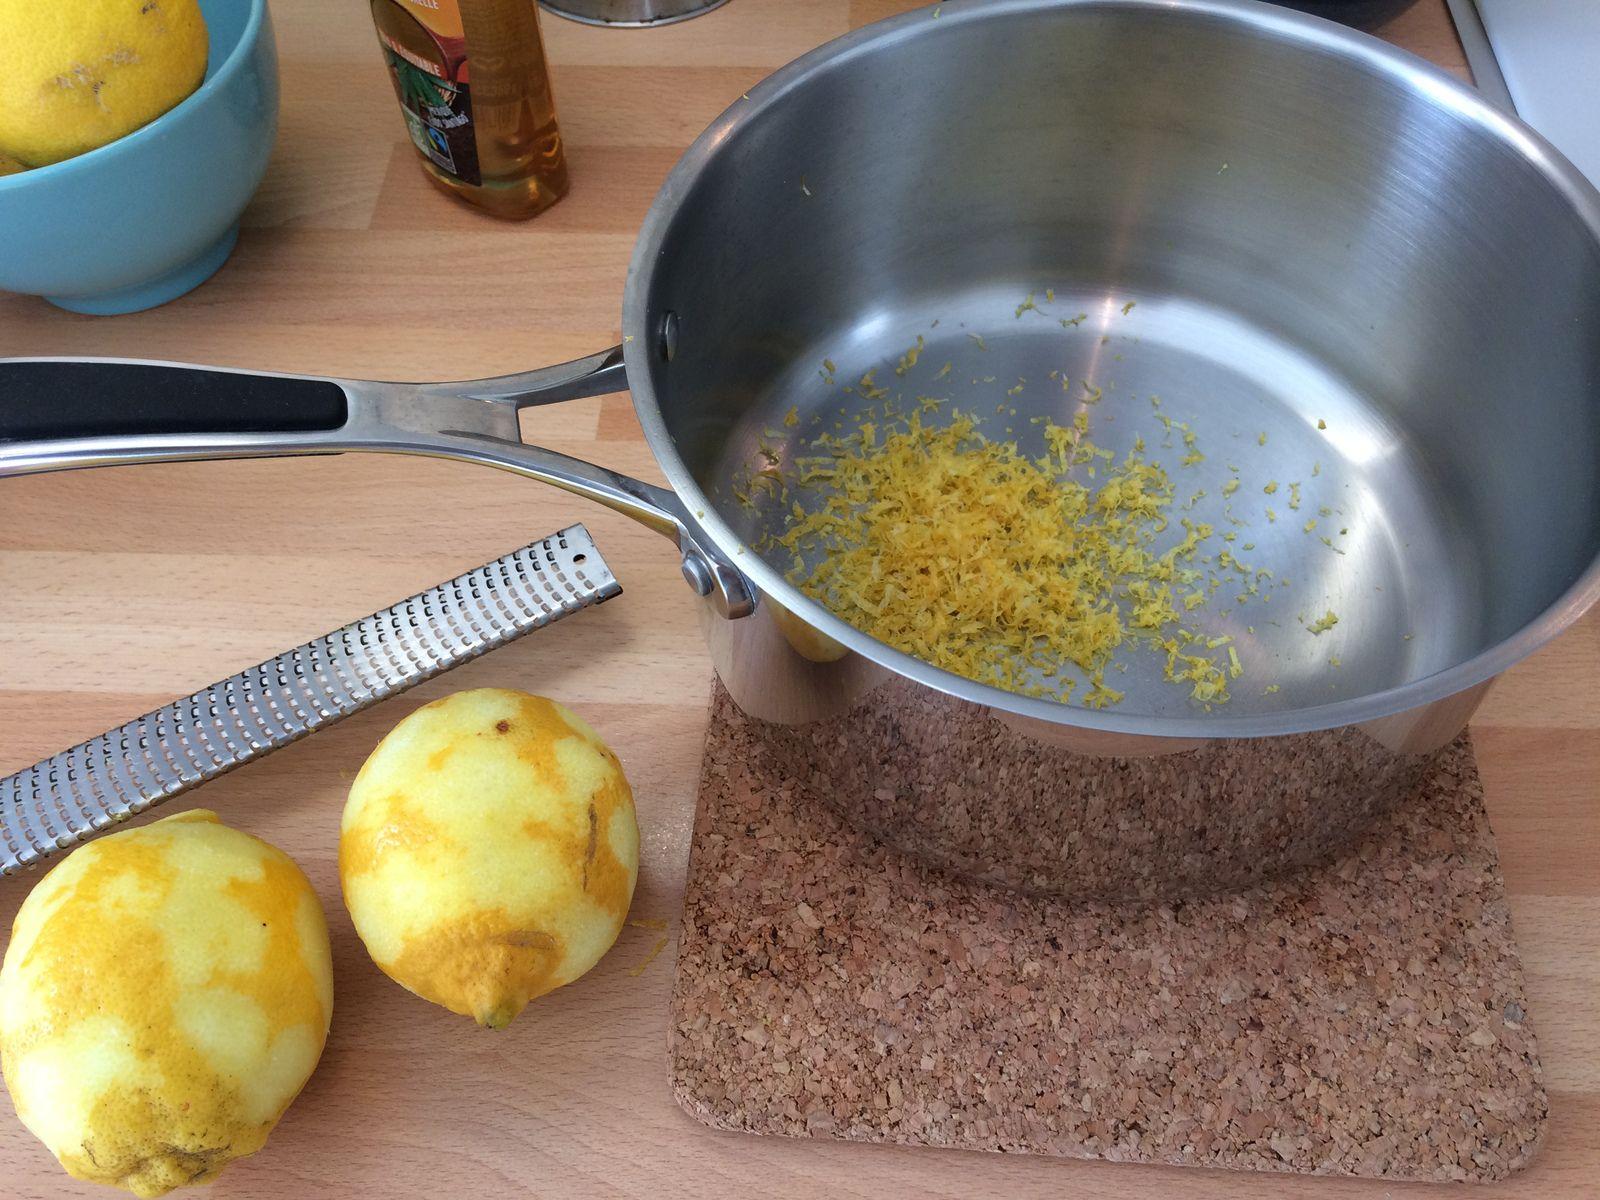 Pour renforcer le goût de citron j'ai choisi de faire infuser une heure le zeste de 2 citrons dans la crème liquide portée à ébullition, mais cette étape est facultative.